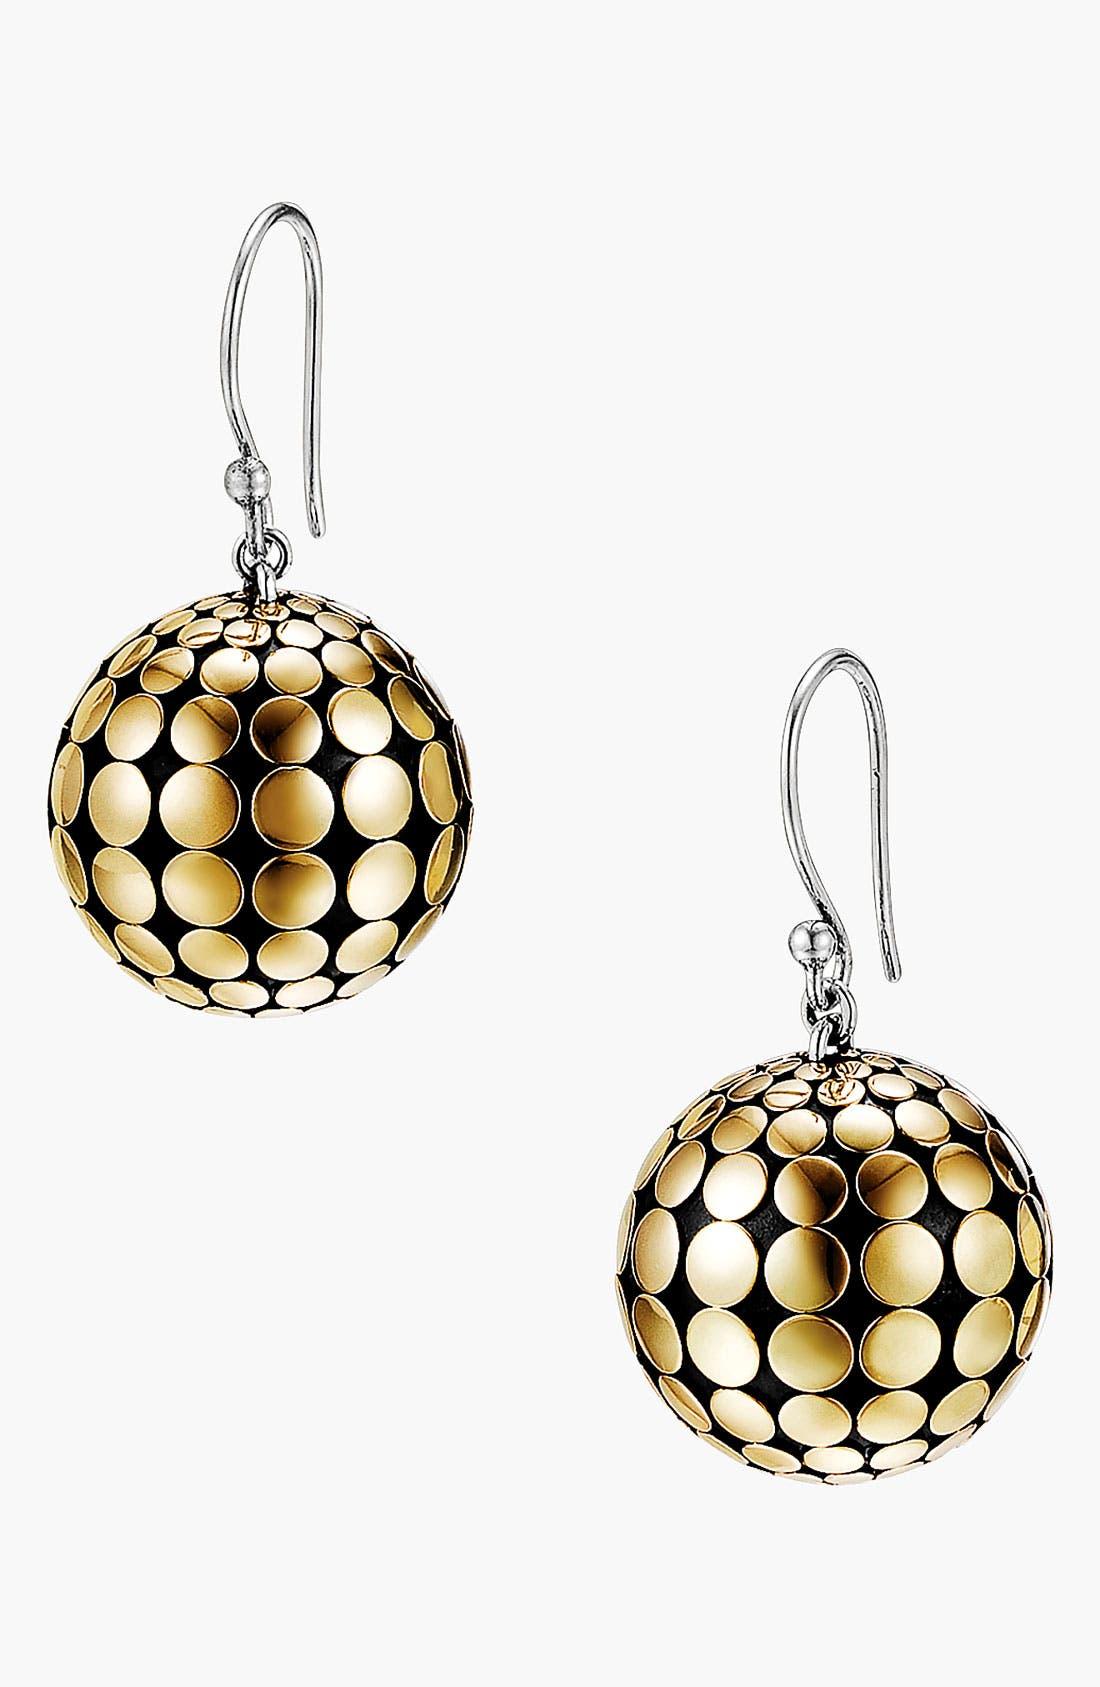 Alternate Image 1 Selected - John Hardy 'Dot Gold & Silver' Ball Earrings